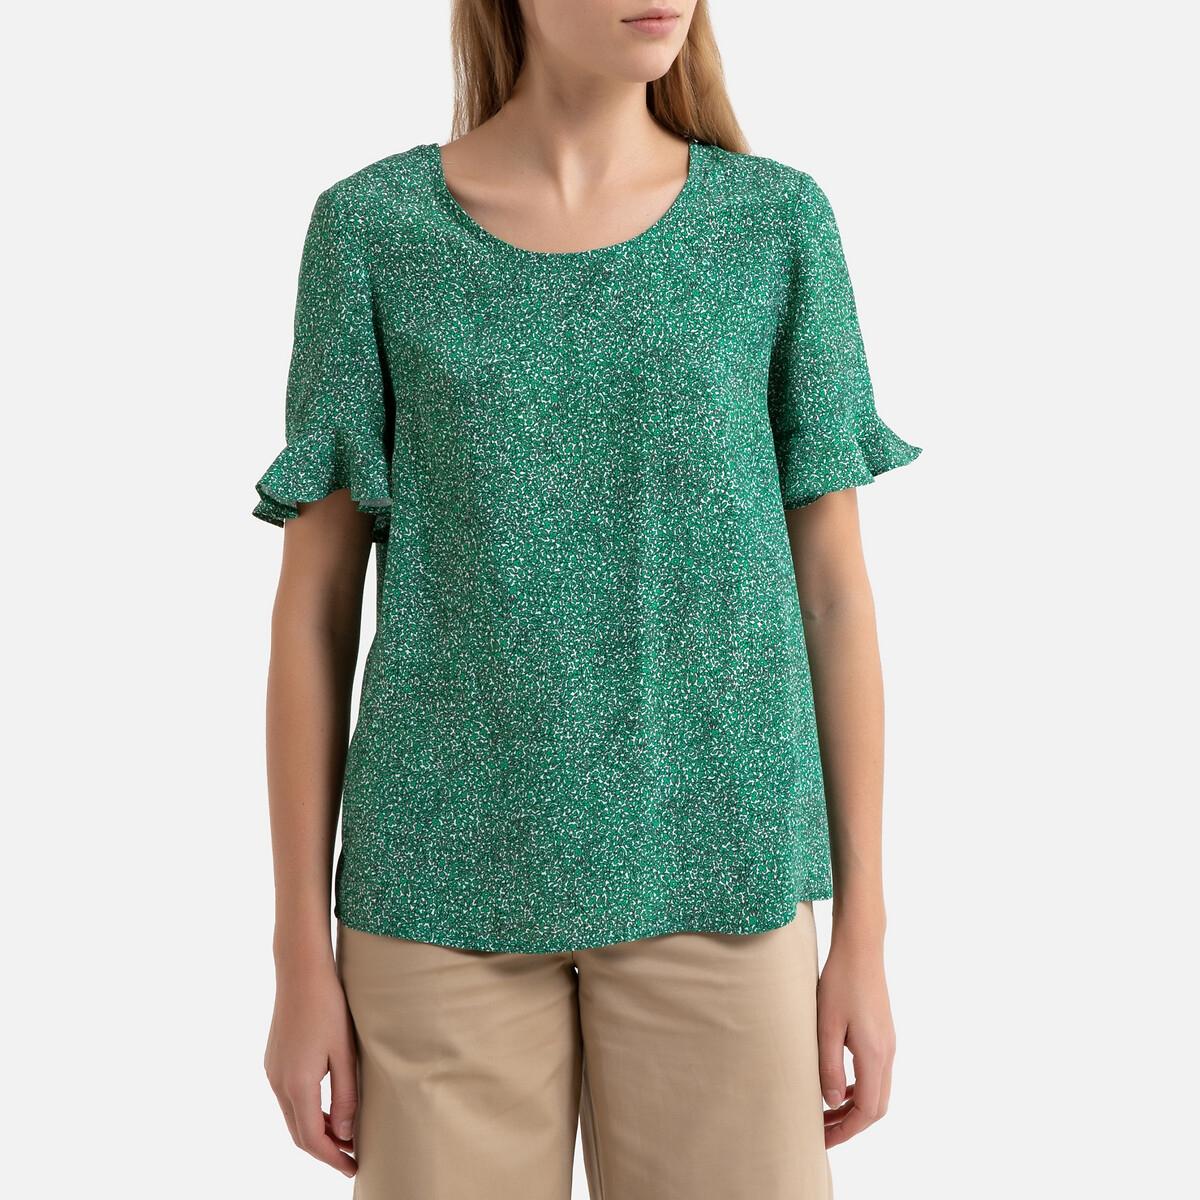 Блузка LaRedoute С круглым вырезом и короткими рукавами PHILIPPINE 38 (FR) - 44 (RUS) зеленый пуловер laredoute с короткими рукавами с бантиком сзади xl красный